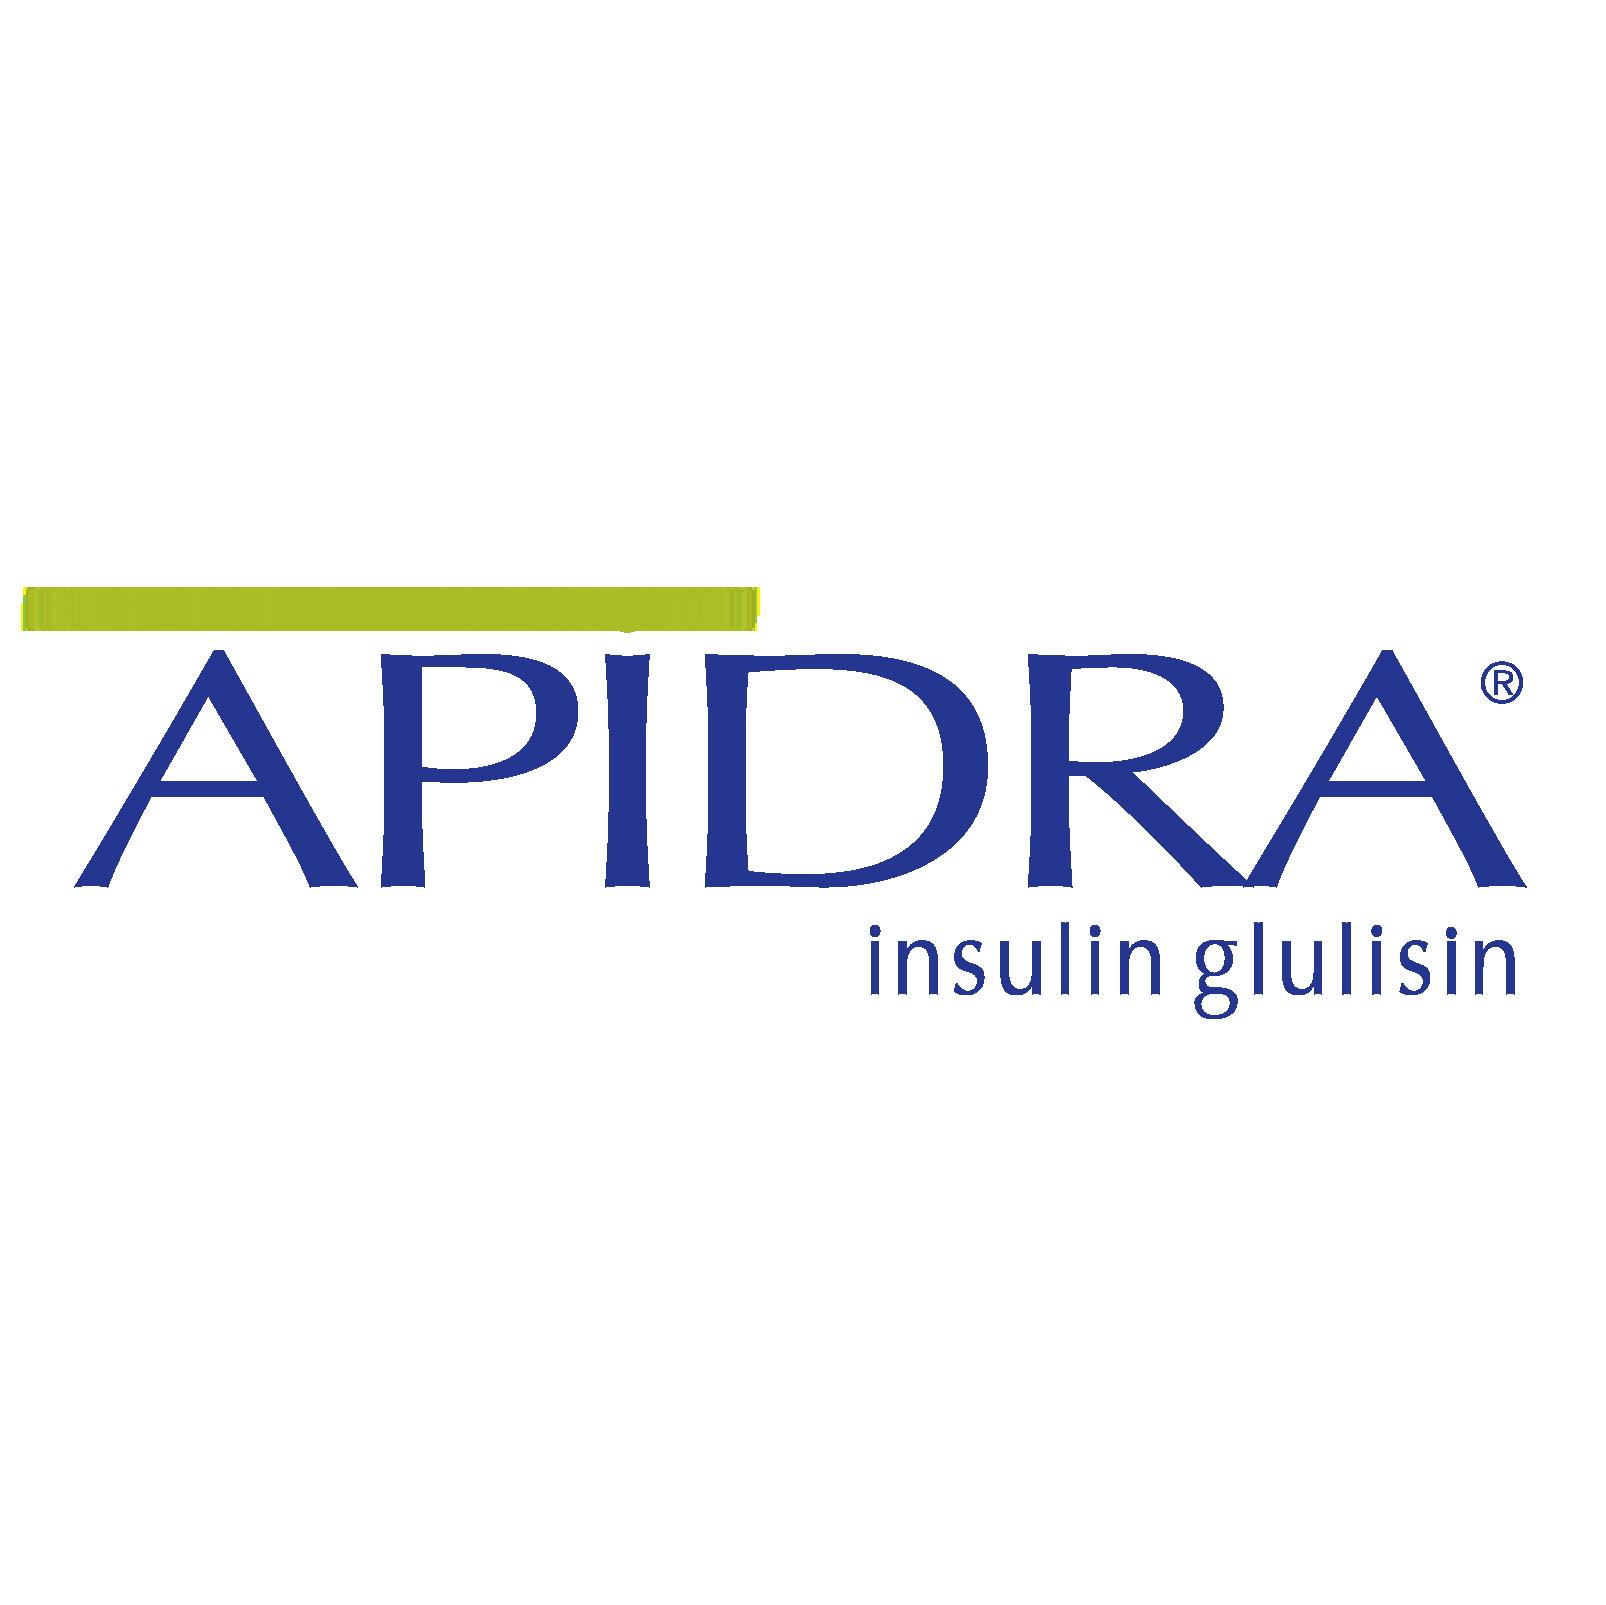 Apidra Insulin